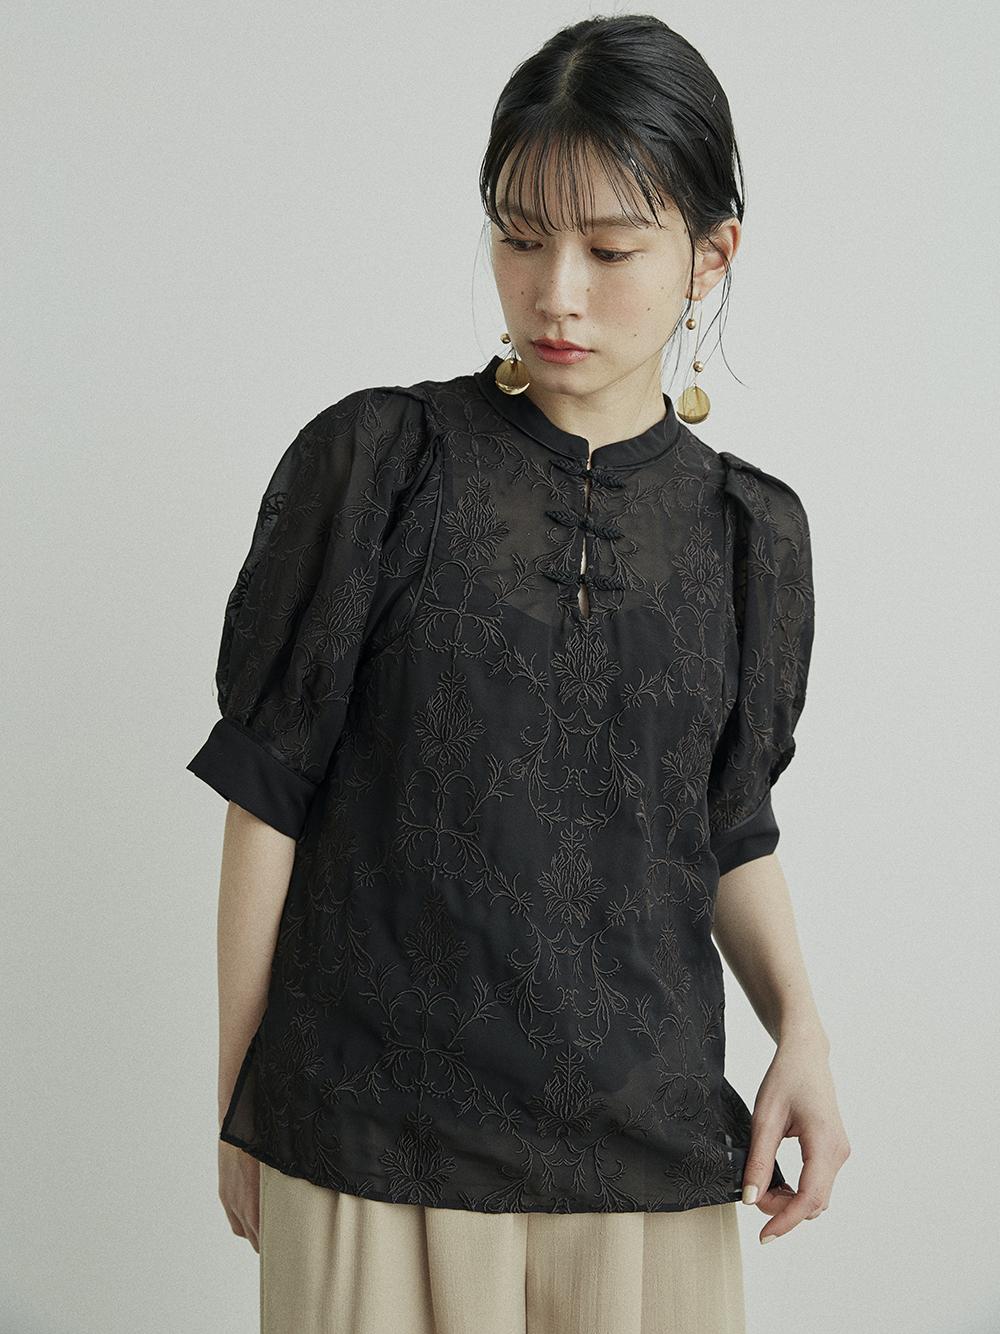 オリエンタル刺繍チャイナトップス(BLK-F)